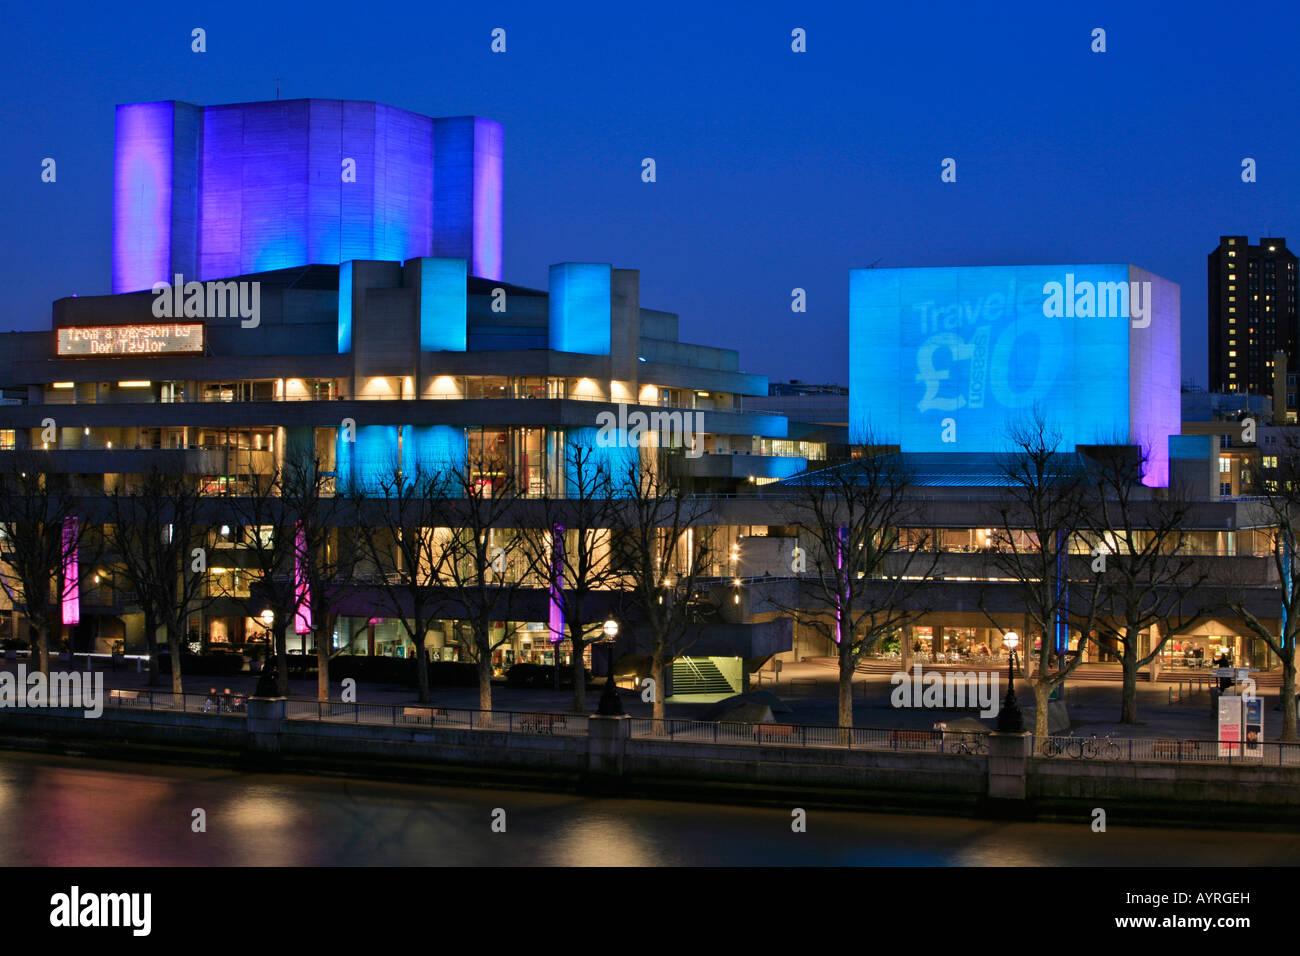 National Theatre building illuminated blue at dusk, London, England, UK - Stock Image